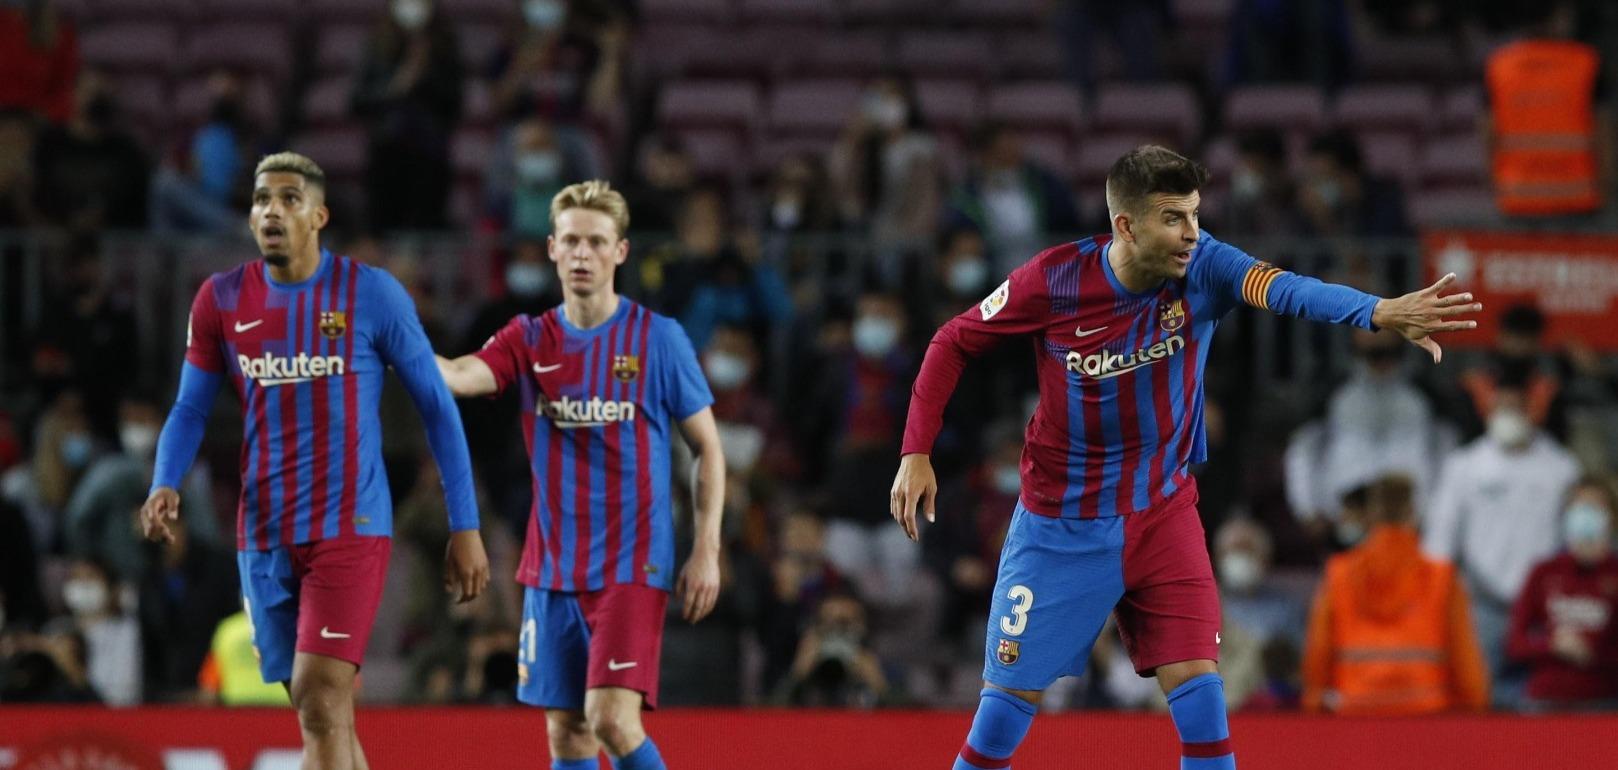 نجم دفاع برشلونة مهدد بالغياب عن لقاء ريال مدريد